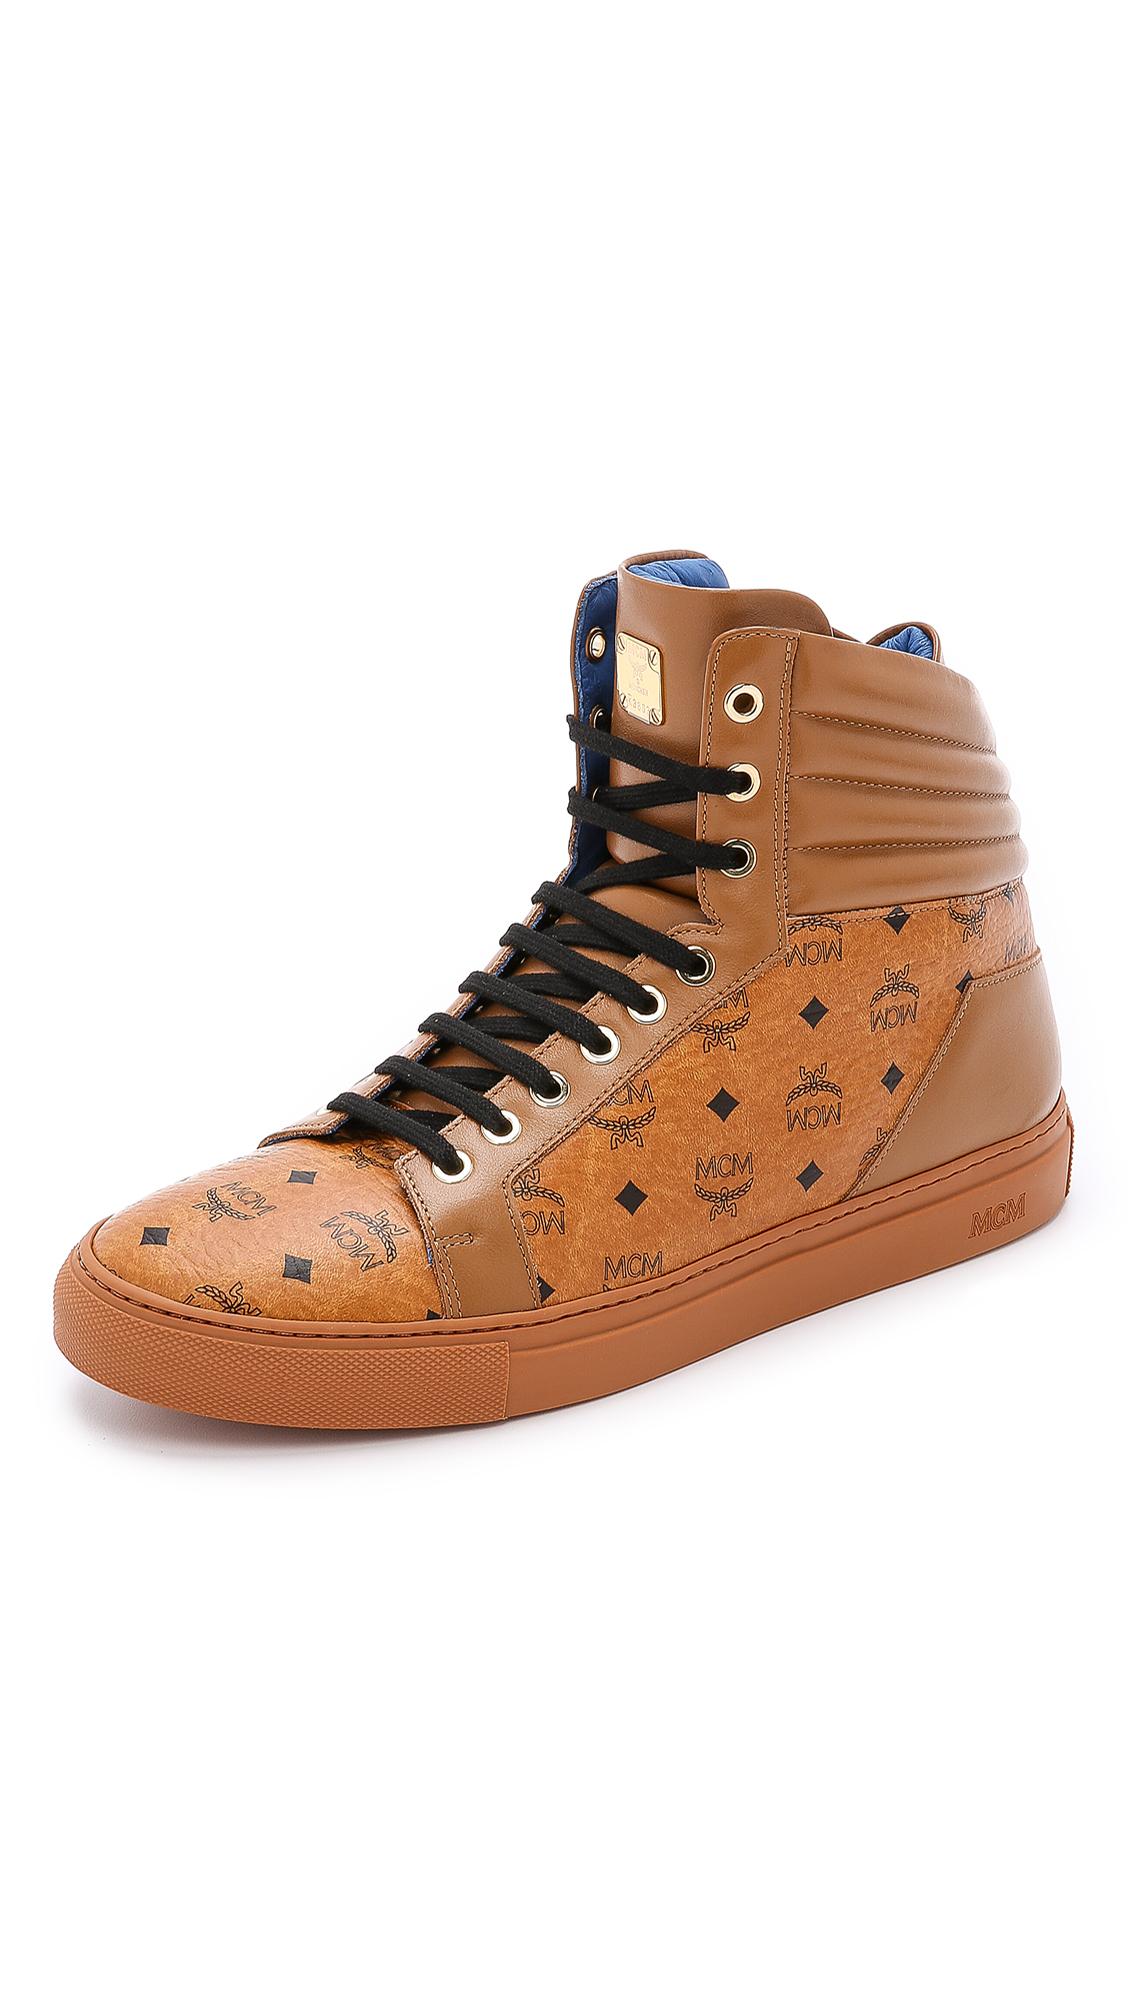 Mcm Vans Shoes